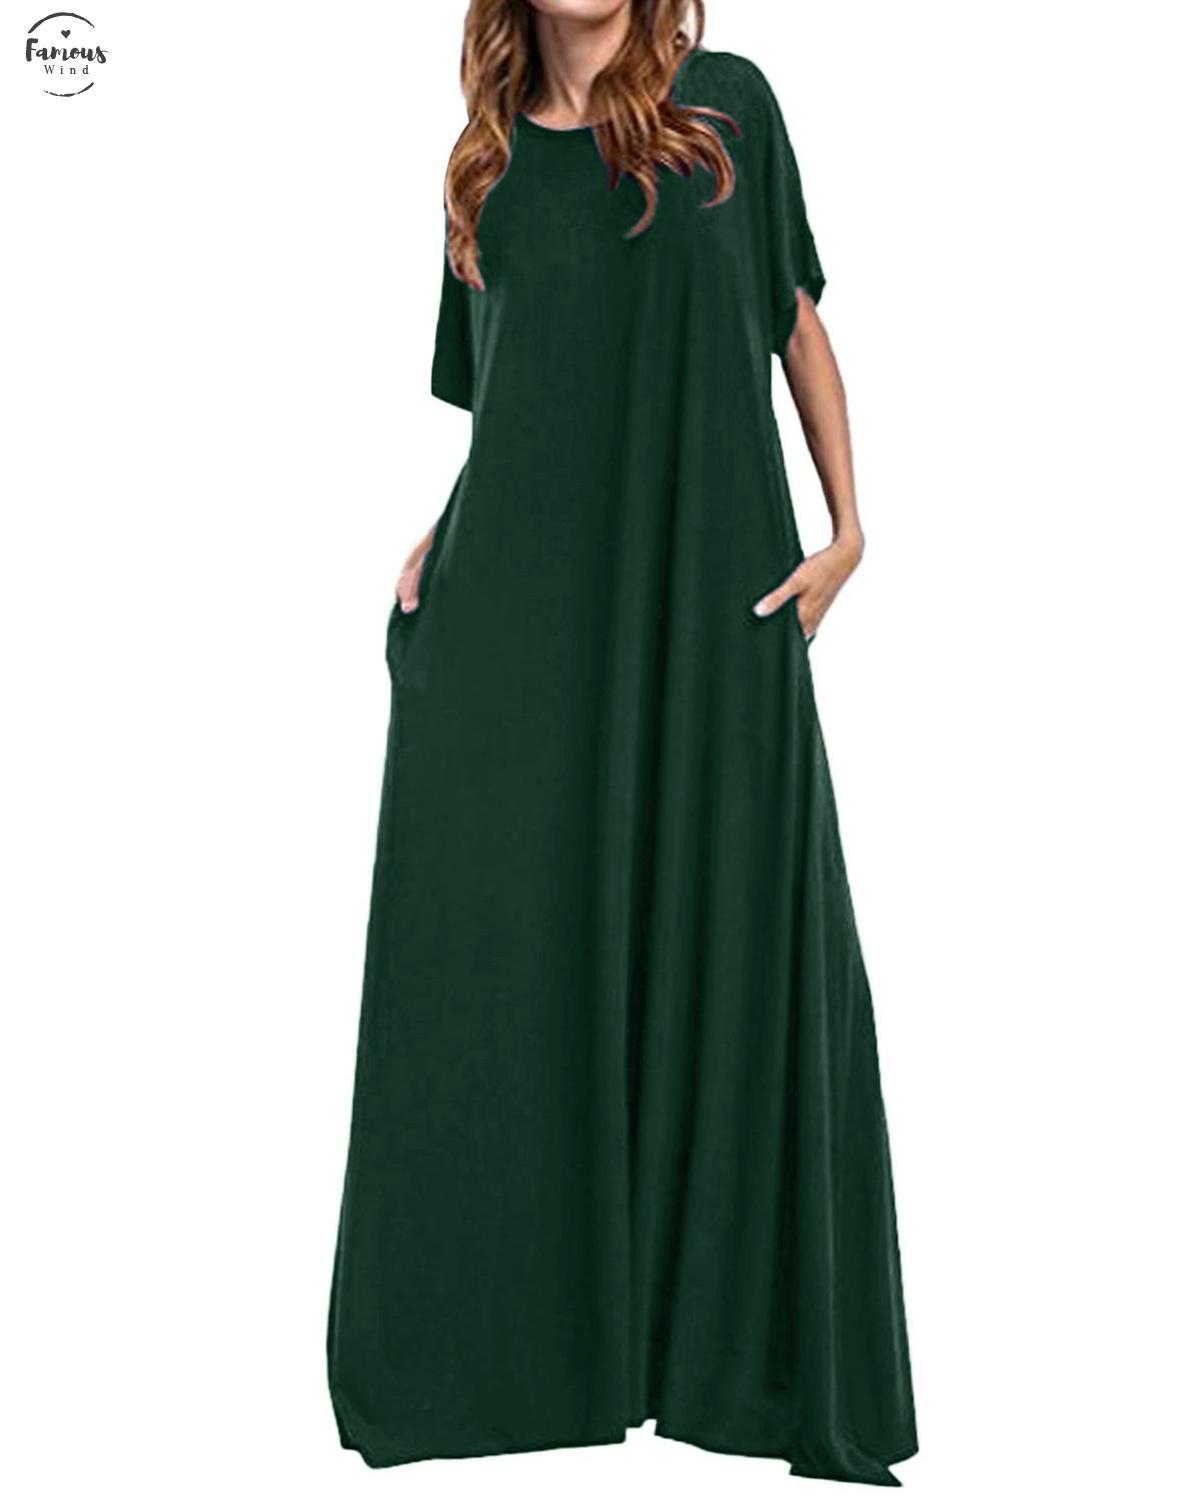 بالإضافة إلى فستان (ماكسي) ذو الحجم الطويل عام 2020 النساء نصف أكمام صلبة حول الرقبة الكلاسيكية العتيقة الطويلة الراقية (بوديكون فيستيدوس)